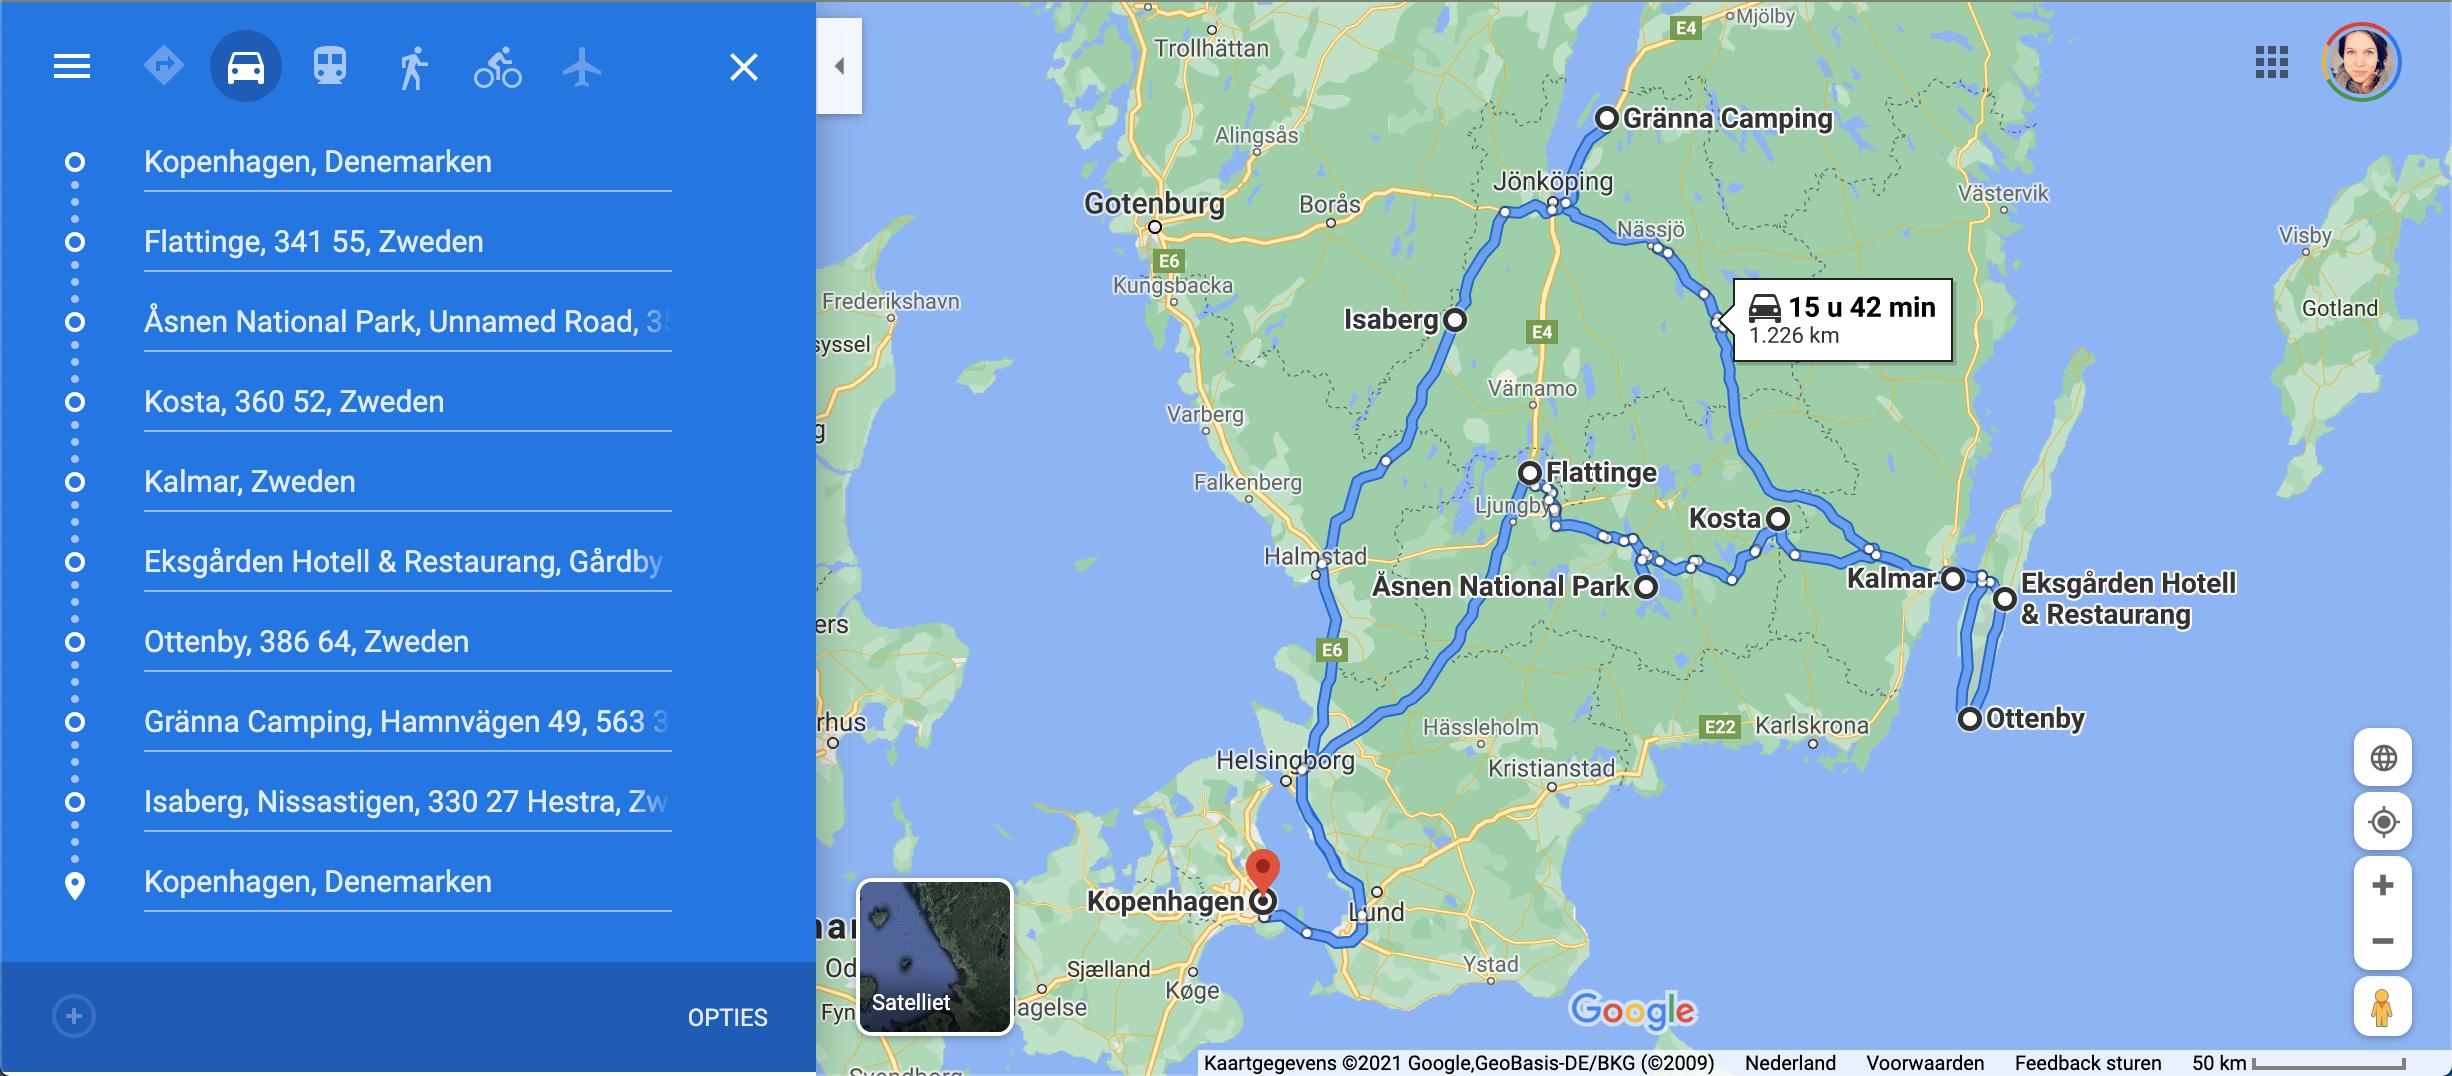 Roadtrip route Zuid-Zweden